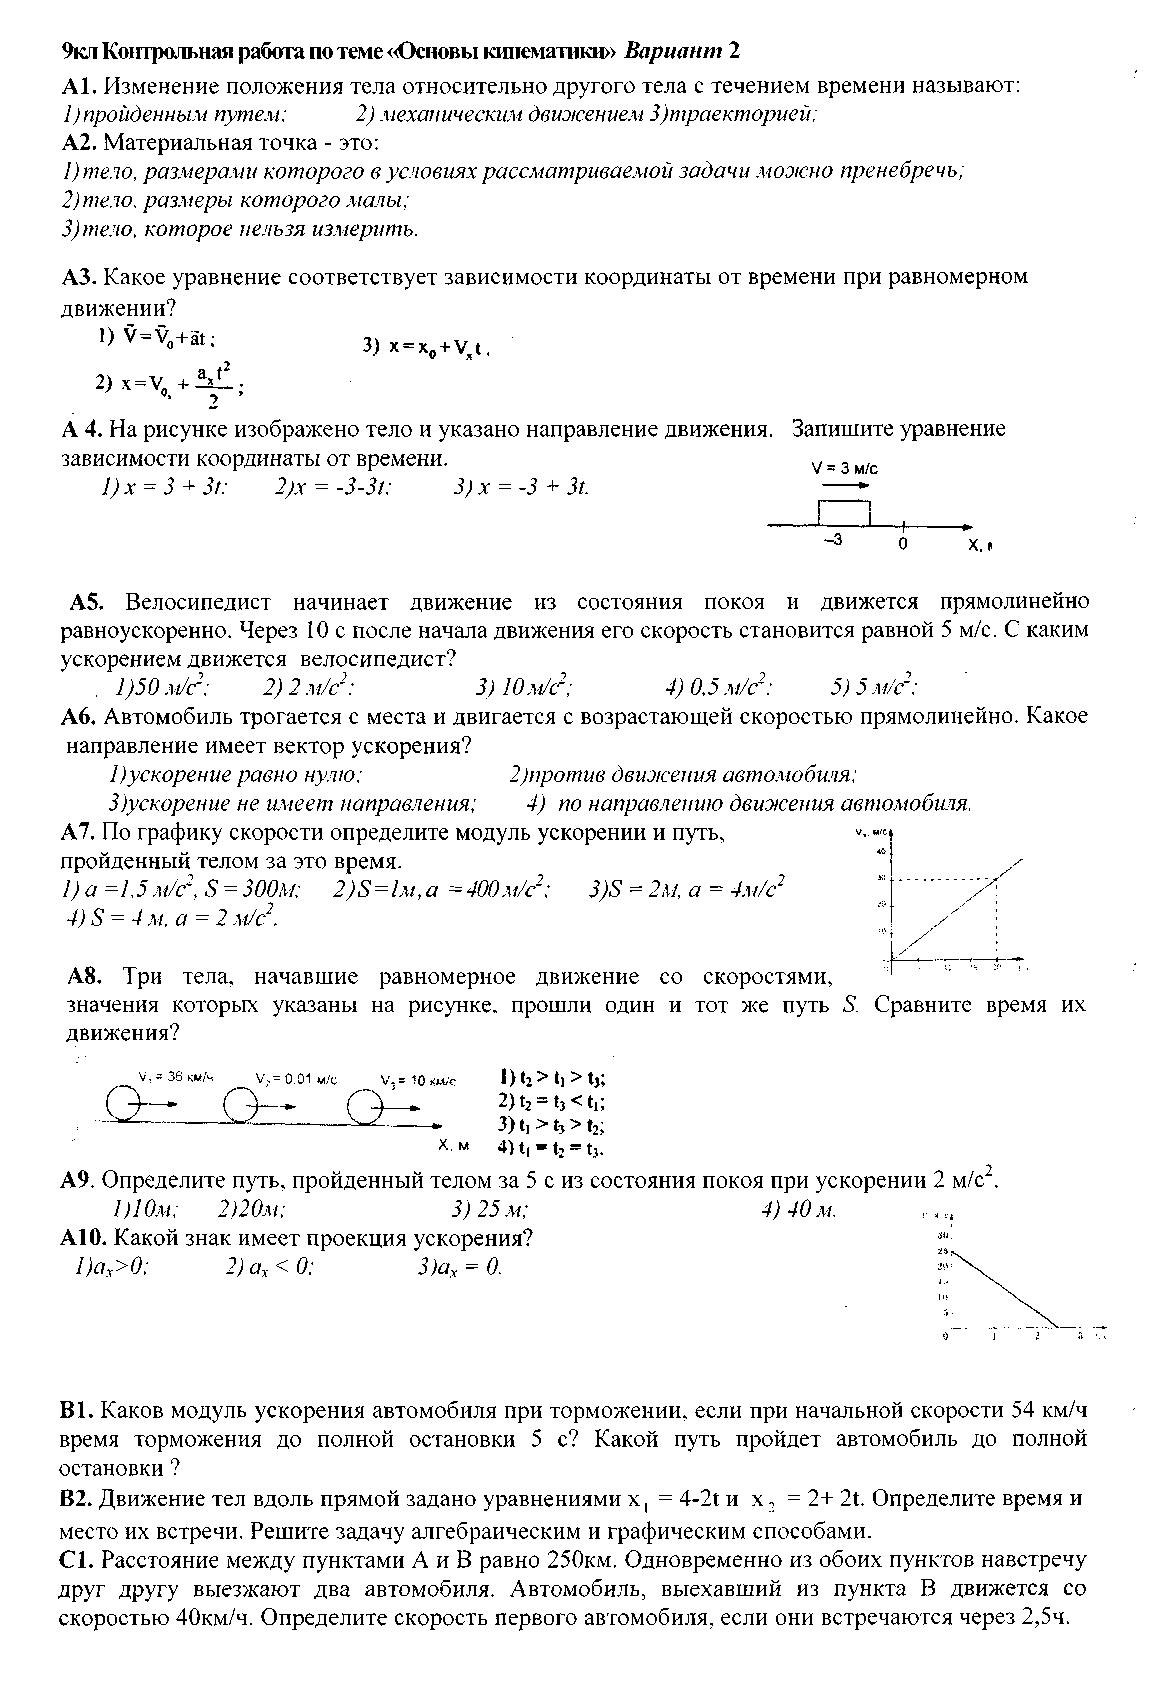 Решение лабораторной работы по физике номер 4 за 9 класс учебник шахмаев бунчук